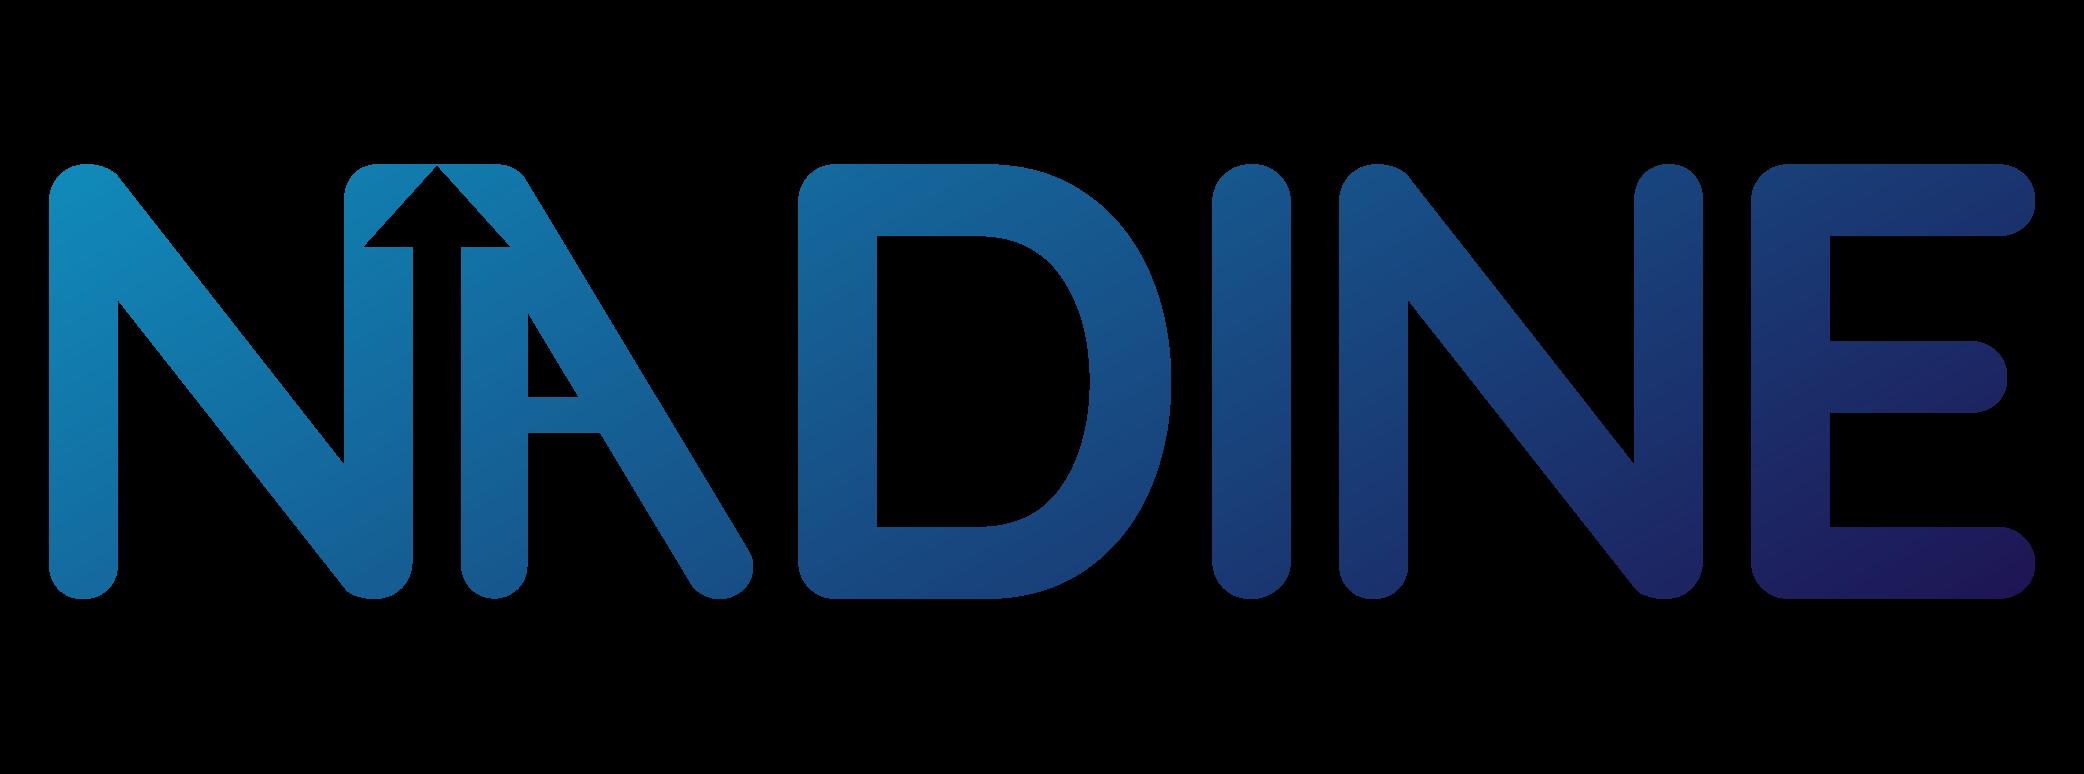 Nadine Project